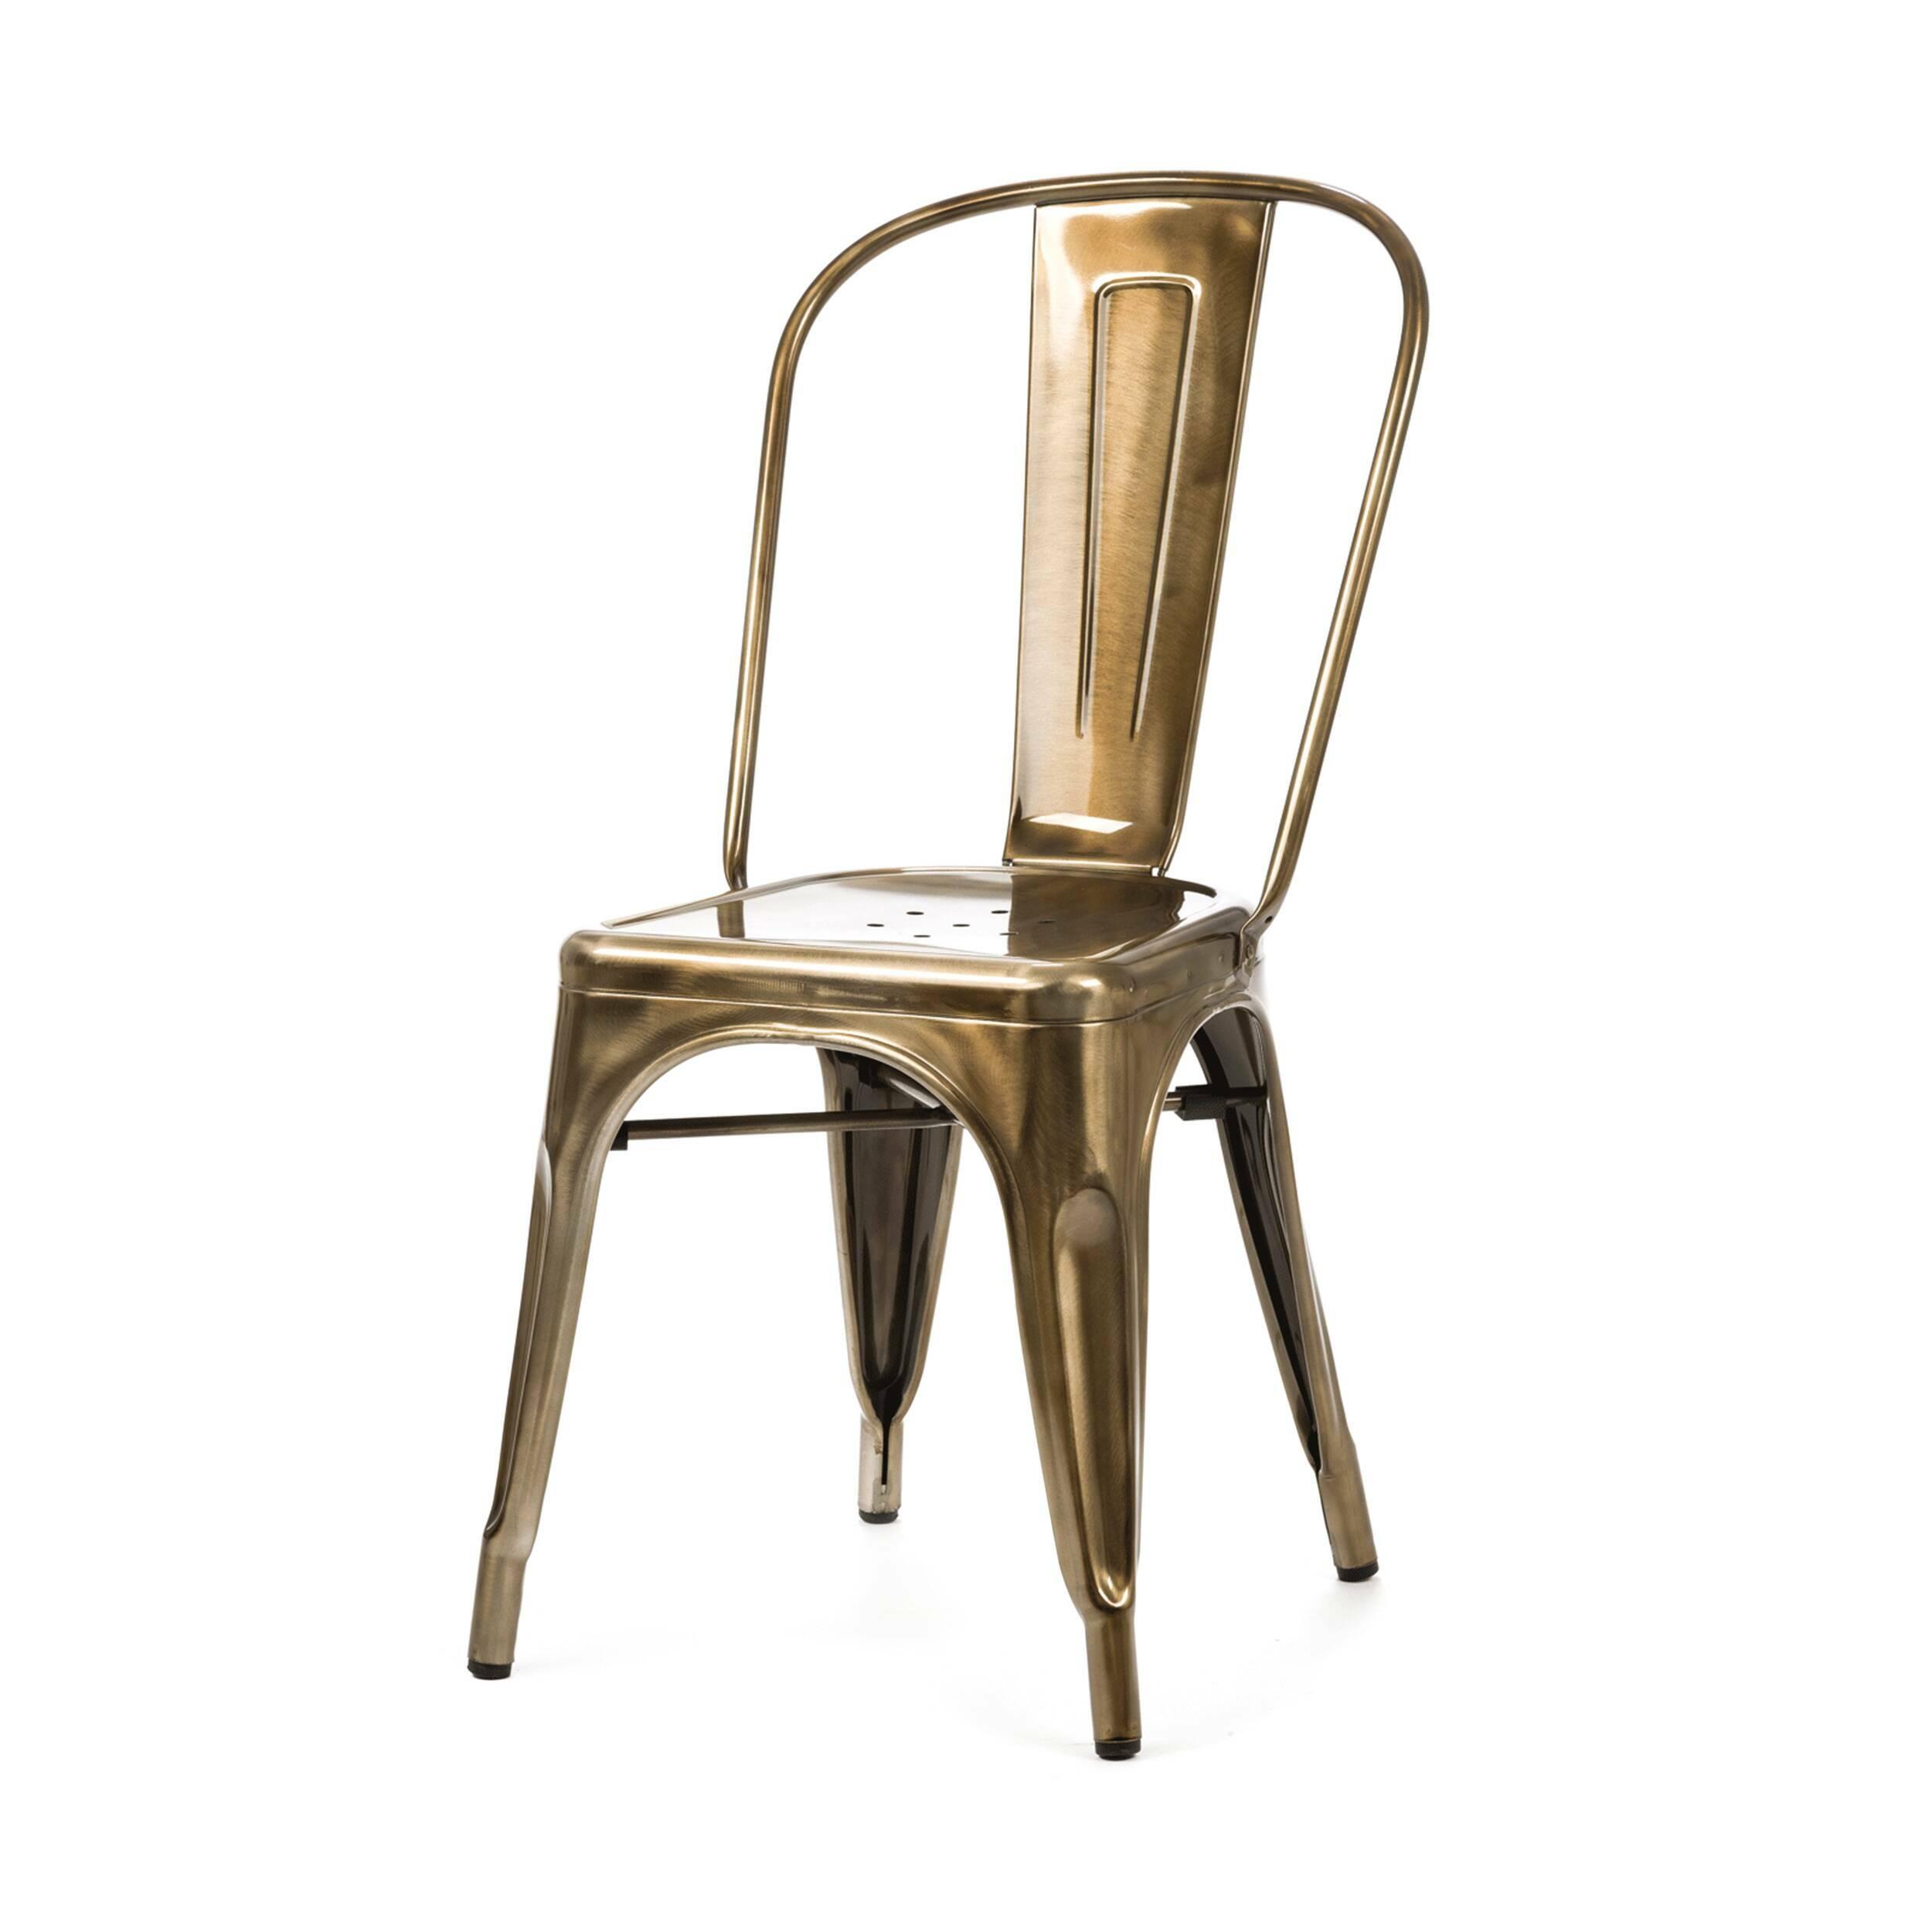 Стул MaraisИнтерьерные<br>Дизайнерский стальной жесткий стул Marais (Мэрейс) необычной формы без подлокотников от Cosmo (Космо).<br><br>     Сталь и больше ничего. Блестящее применение этого простого материала демонстрирует стул Marais. Тонкая стальная трубка с широкой вертикальной панелью образует спинку, сиденье с едва заметным углублением и несколькими декоративными отверстиями аккуратно приварено к цельному каркасу ножек, пространство между которыми оформлено в виде арок, гармонируя со спинкой и придавая предмету легк...<br><br>stock: 0<br>Высота: 85<br>Высота сиденья: 45<br>Ширина: 46<br>Глубина: 51<br>Тип материала каркаса: Сталь<br>Цвет каркаса: Бронза пушечная